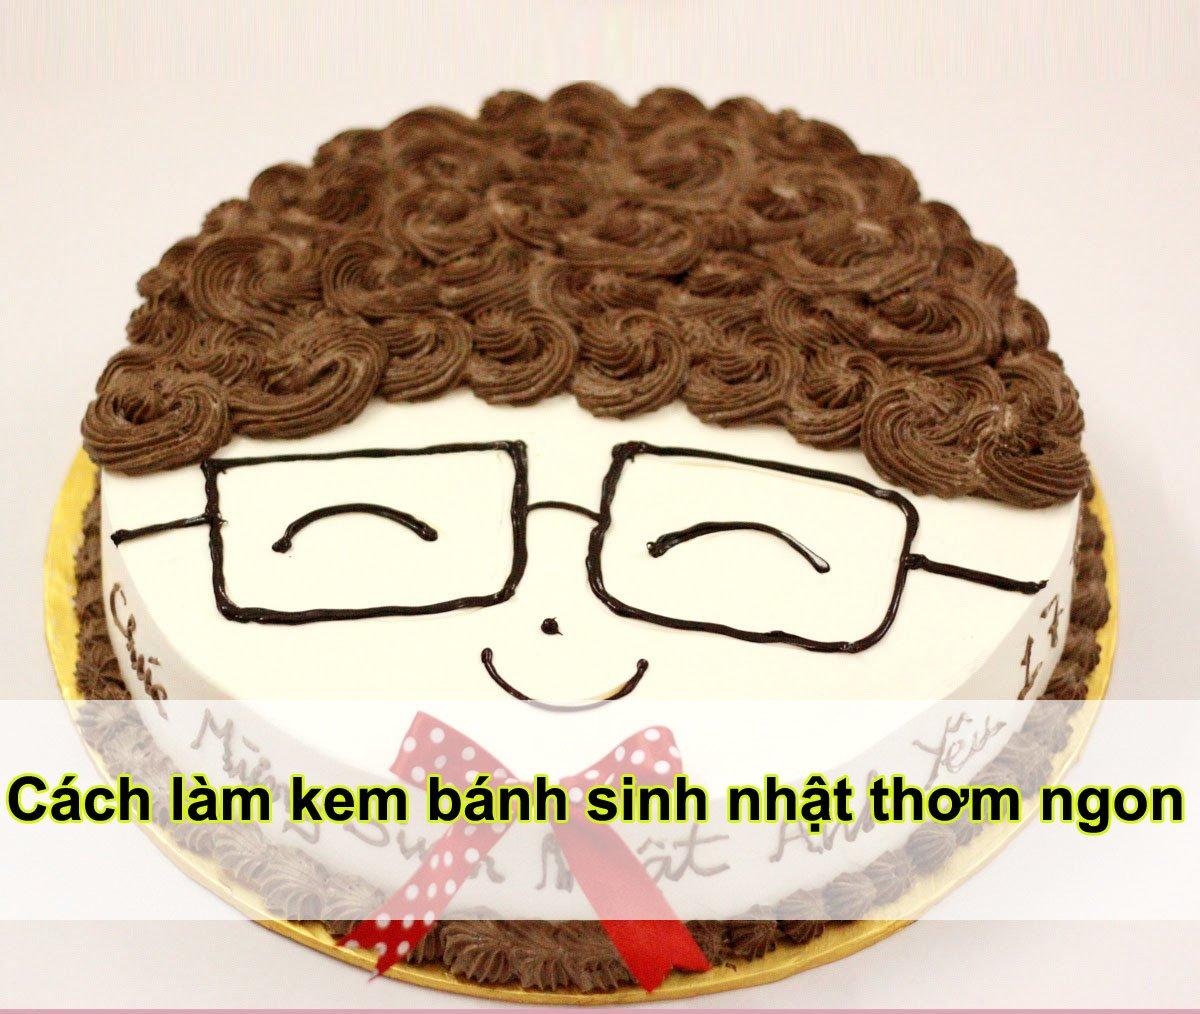 Hình ảnh Cách làm kem bánh sinh nhật đơn giản không cần máy tại nhà số 1